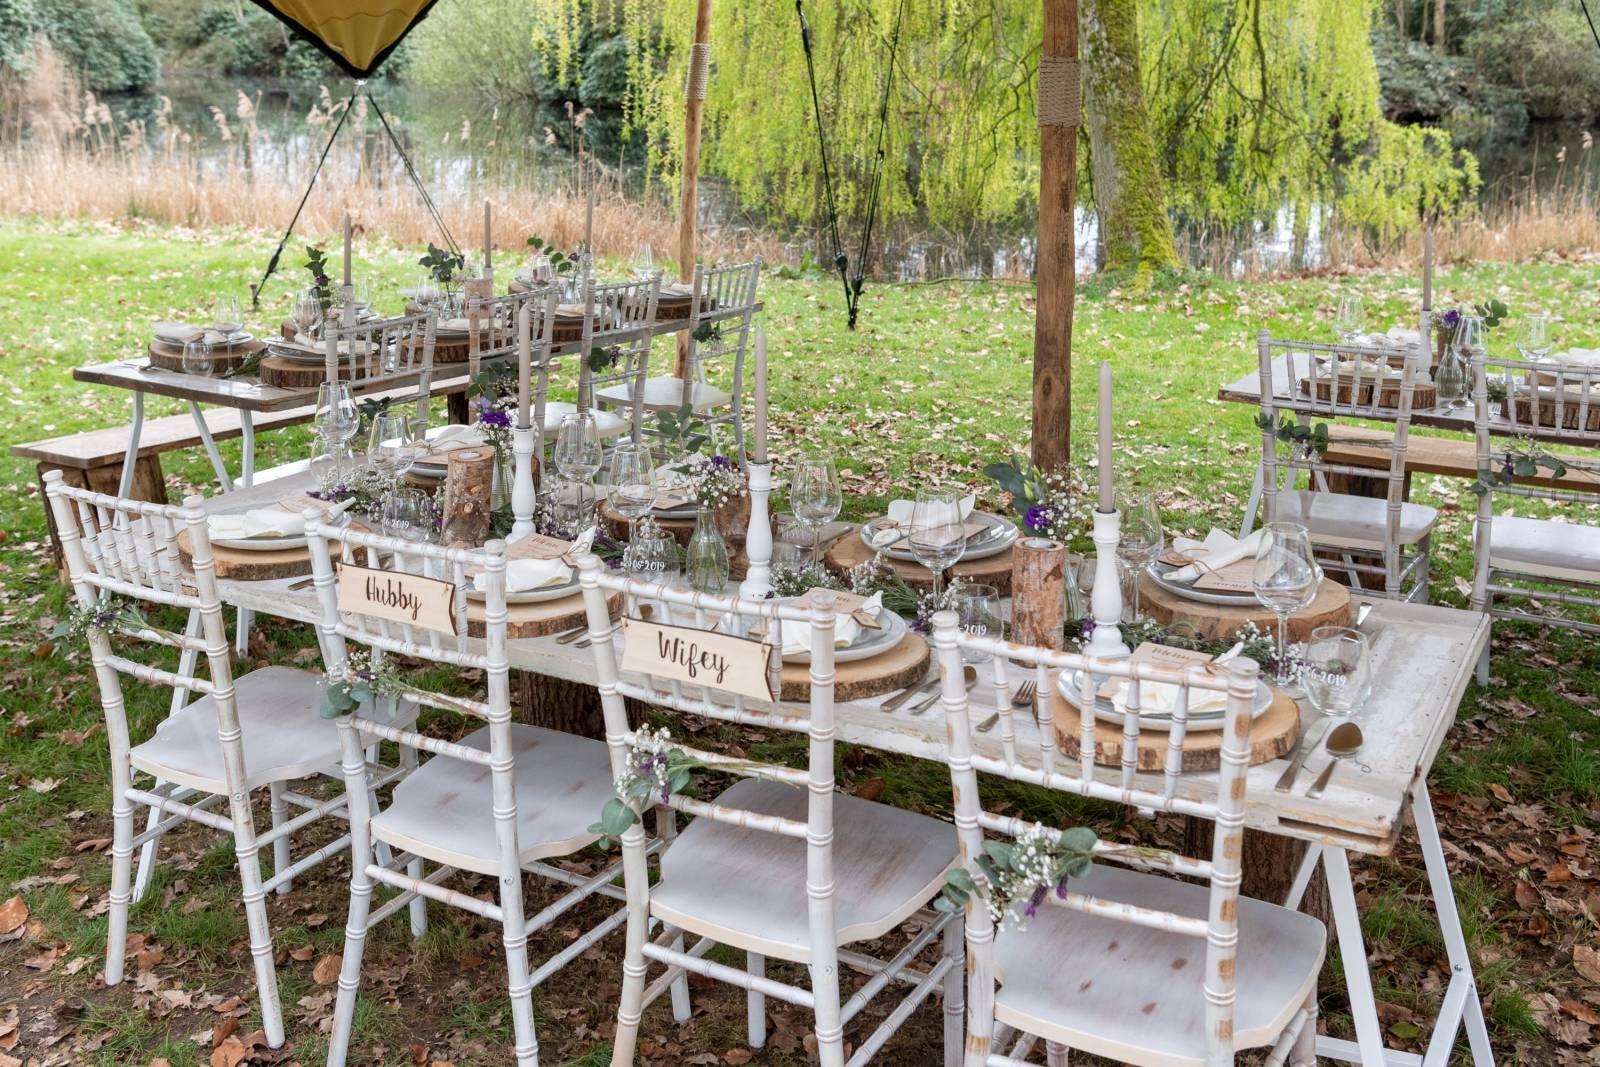 In Style Styling & Decoraties - Trouwdecoratie - Verhuurbedrijf - Wedding Design - House of Weddings - 23